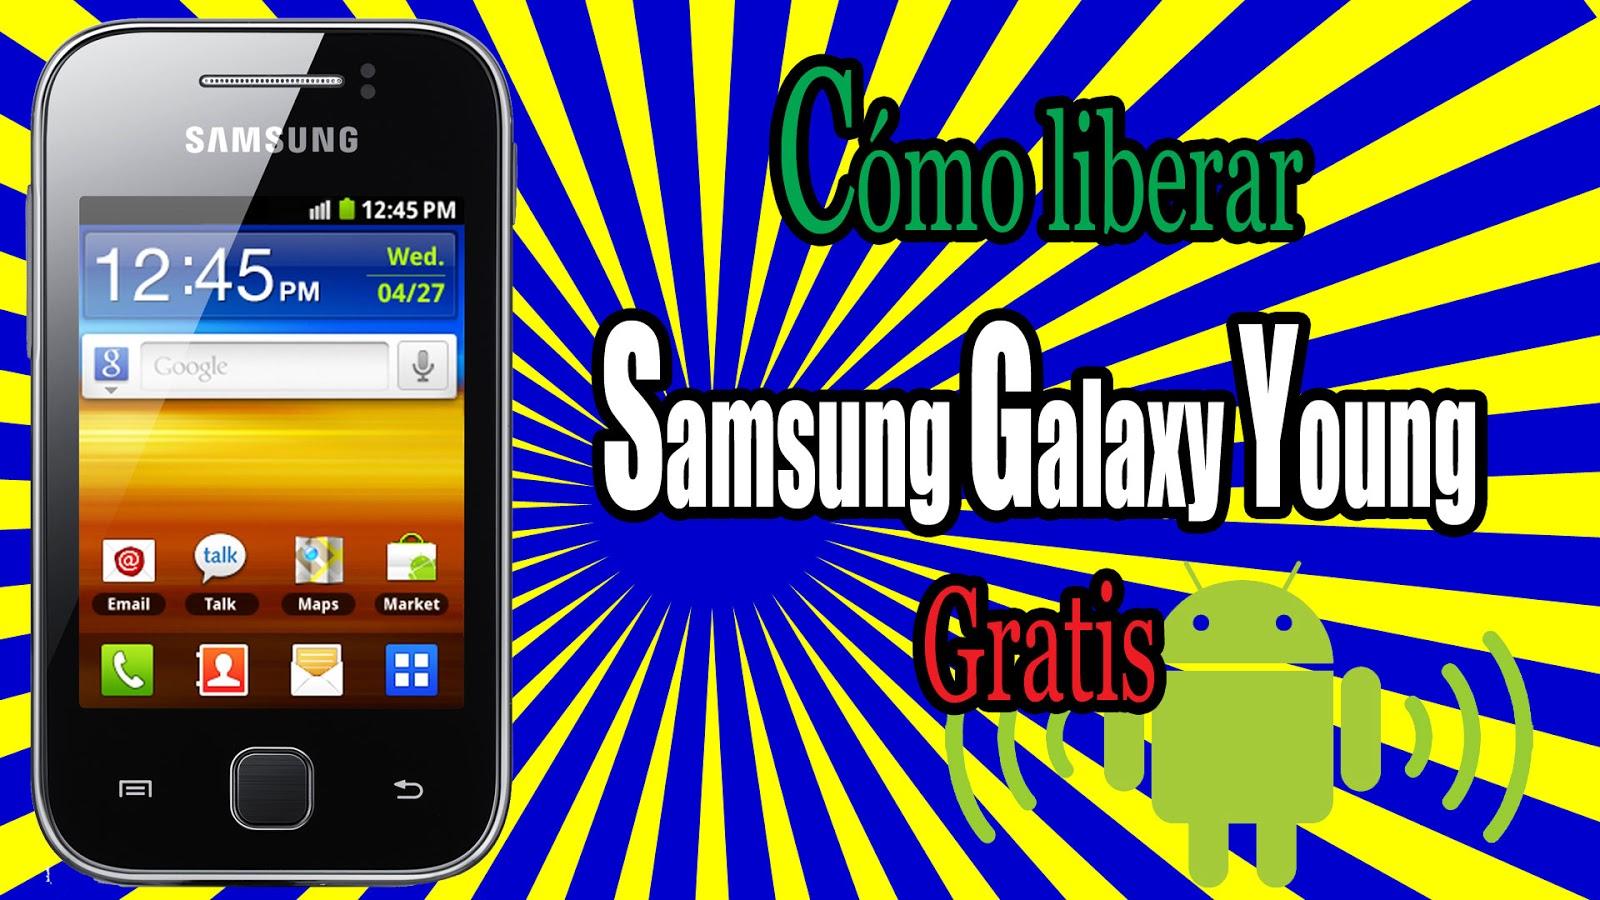 Portada de la entrada de cómo liberar gratis un Samsung Galaxy Young